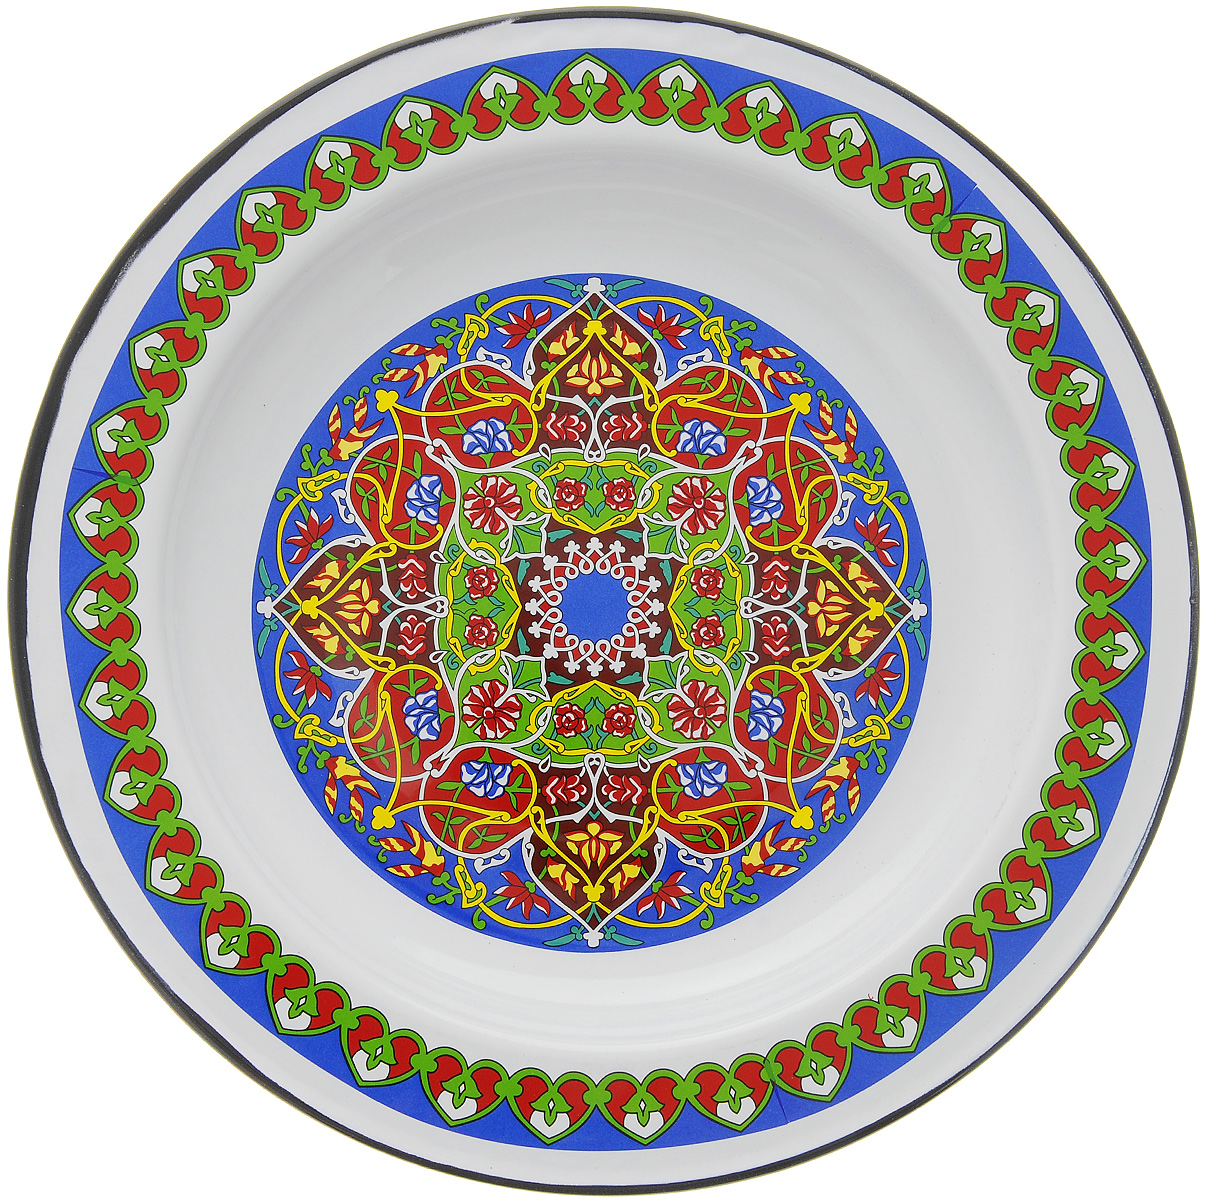 Блюдо СтальЭмаль Арабская, диаметр 35,5 см1с6с/KОригинальное СтальЭмаль Арабская, изготовленное из эмалированной, прекрасно подойдет для подачи нарезок, закусок и других блюд. Блюдо декорировано красивым узором. Оно украсит ваш кухонный стол, а также станет замечательным подарком к любому празднику. Диаметр блюда: 35,5 см.Высота стенки: 3,5 см.